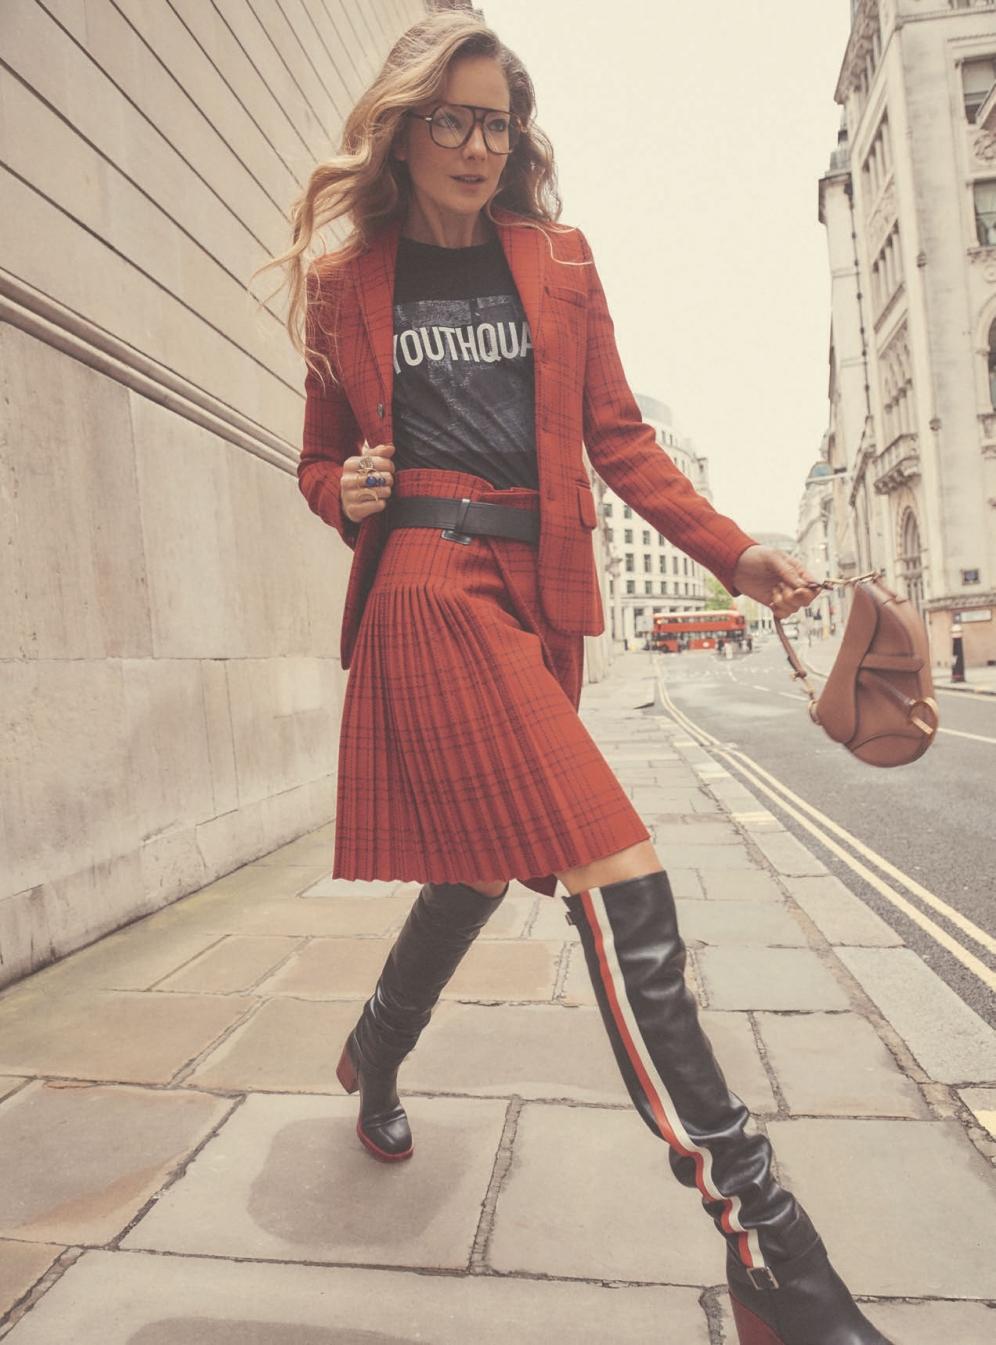 Eniko Mihalik | Harpers Bazaar